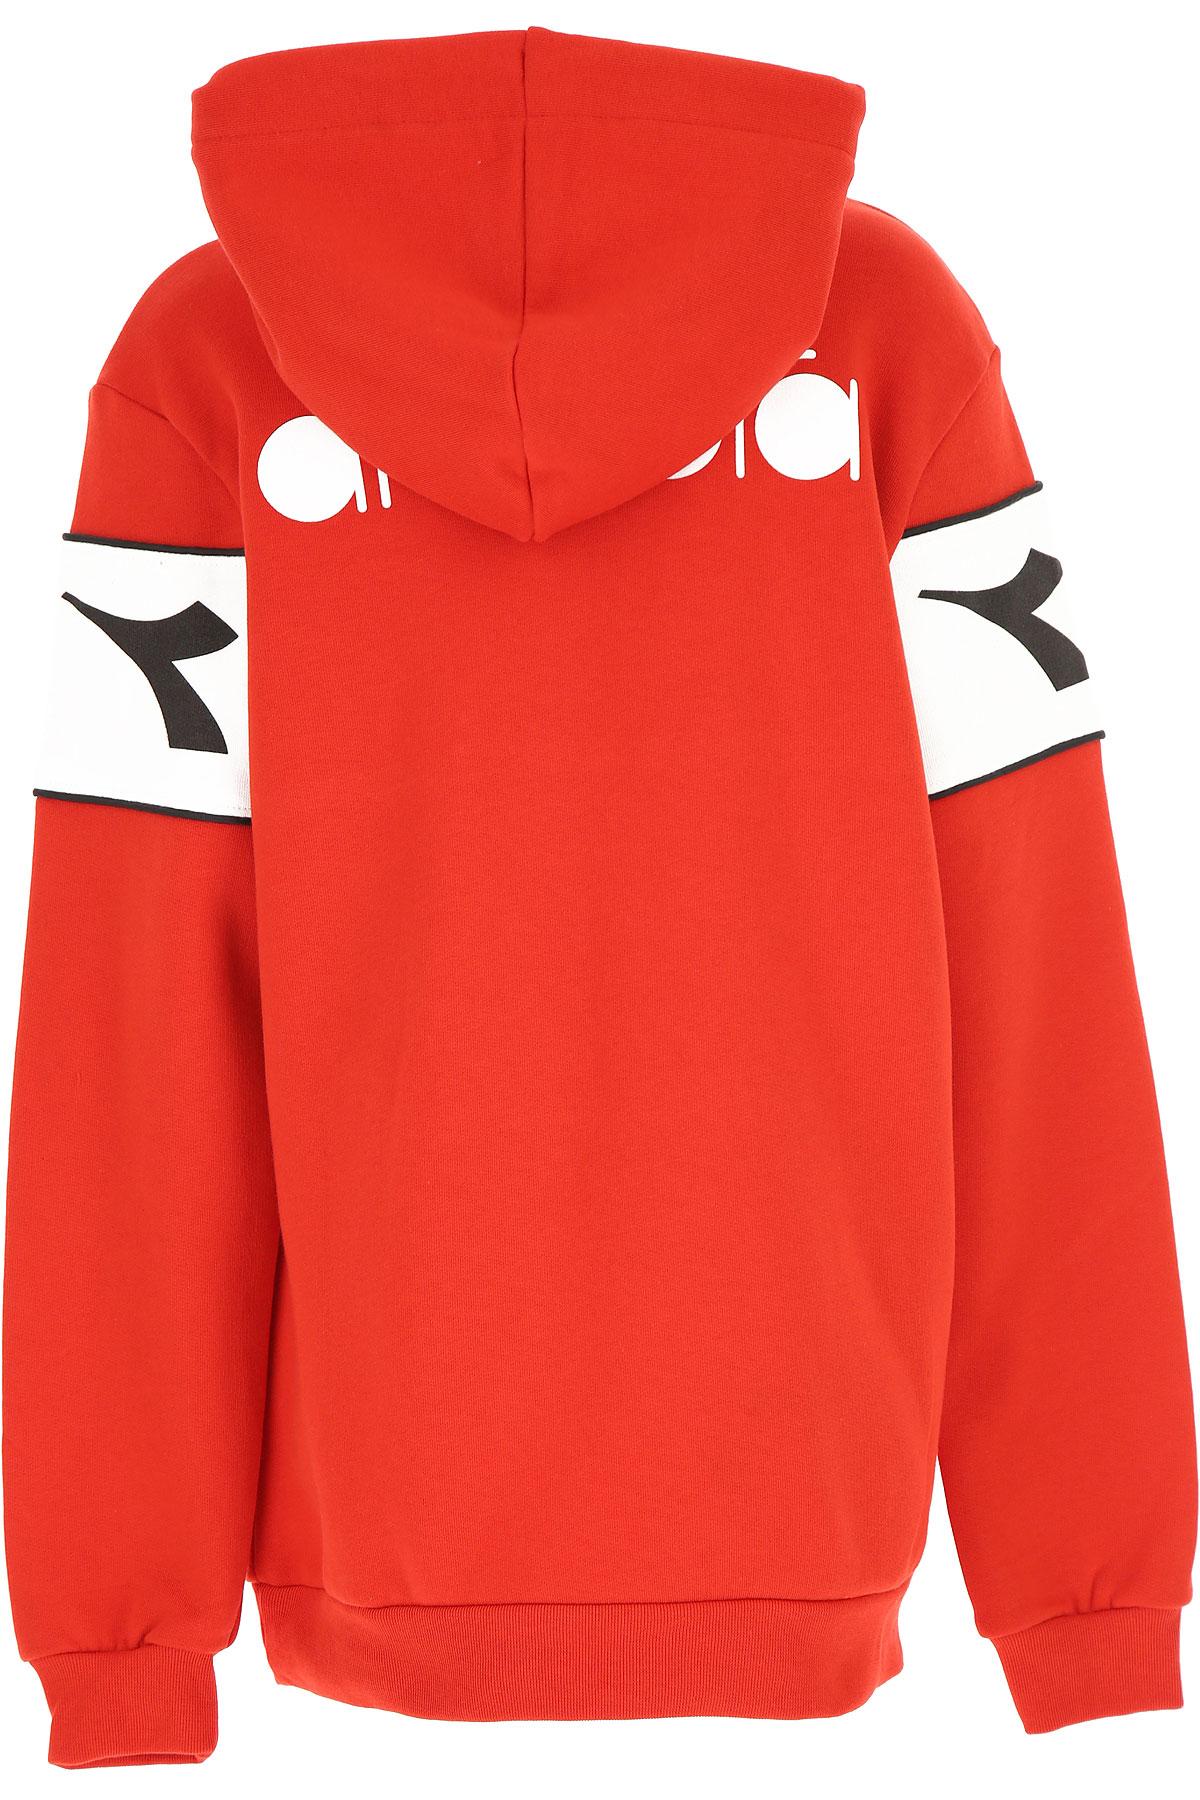 Diadora Kids Sweatshirts & Hoodies for Boys On Sale, Red, Cotton, 2019, 10Y 12Y 14Y